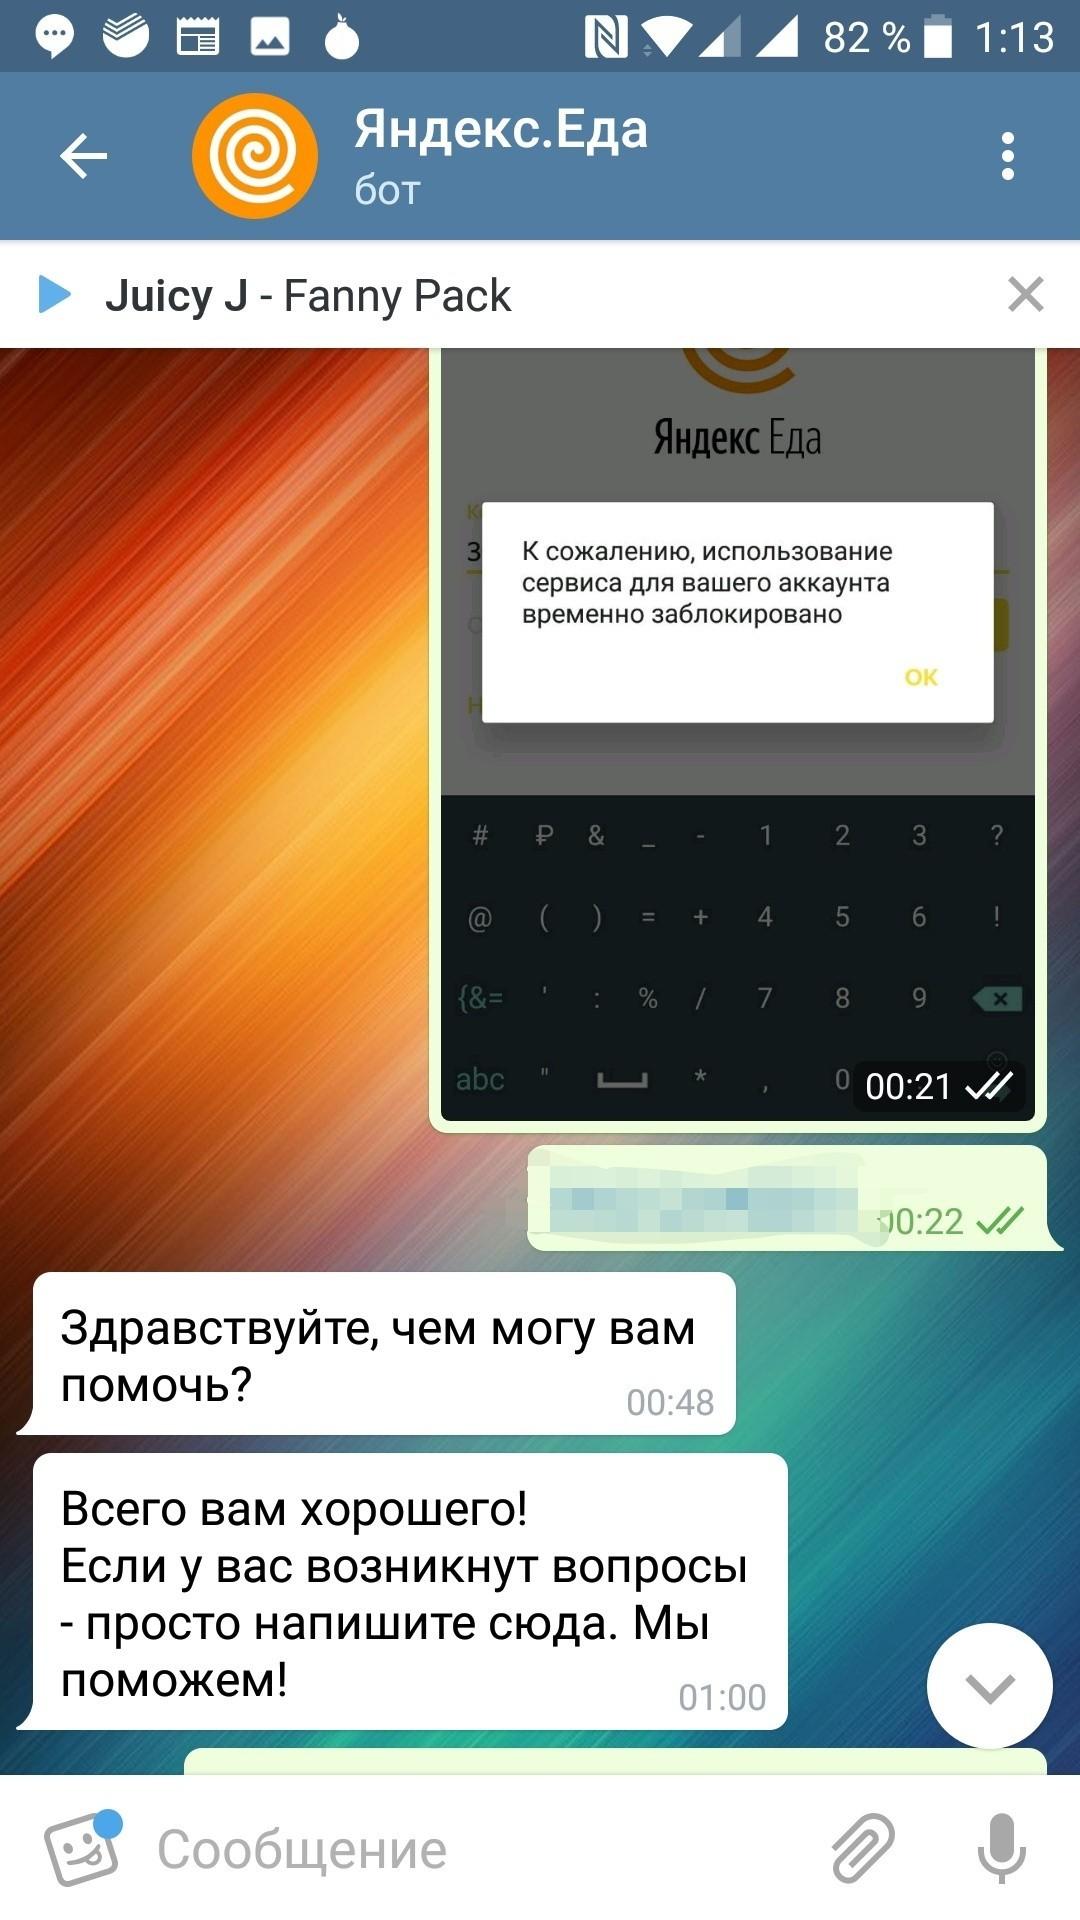 Мутная Яндекс.Еда